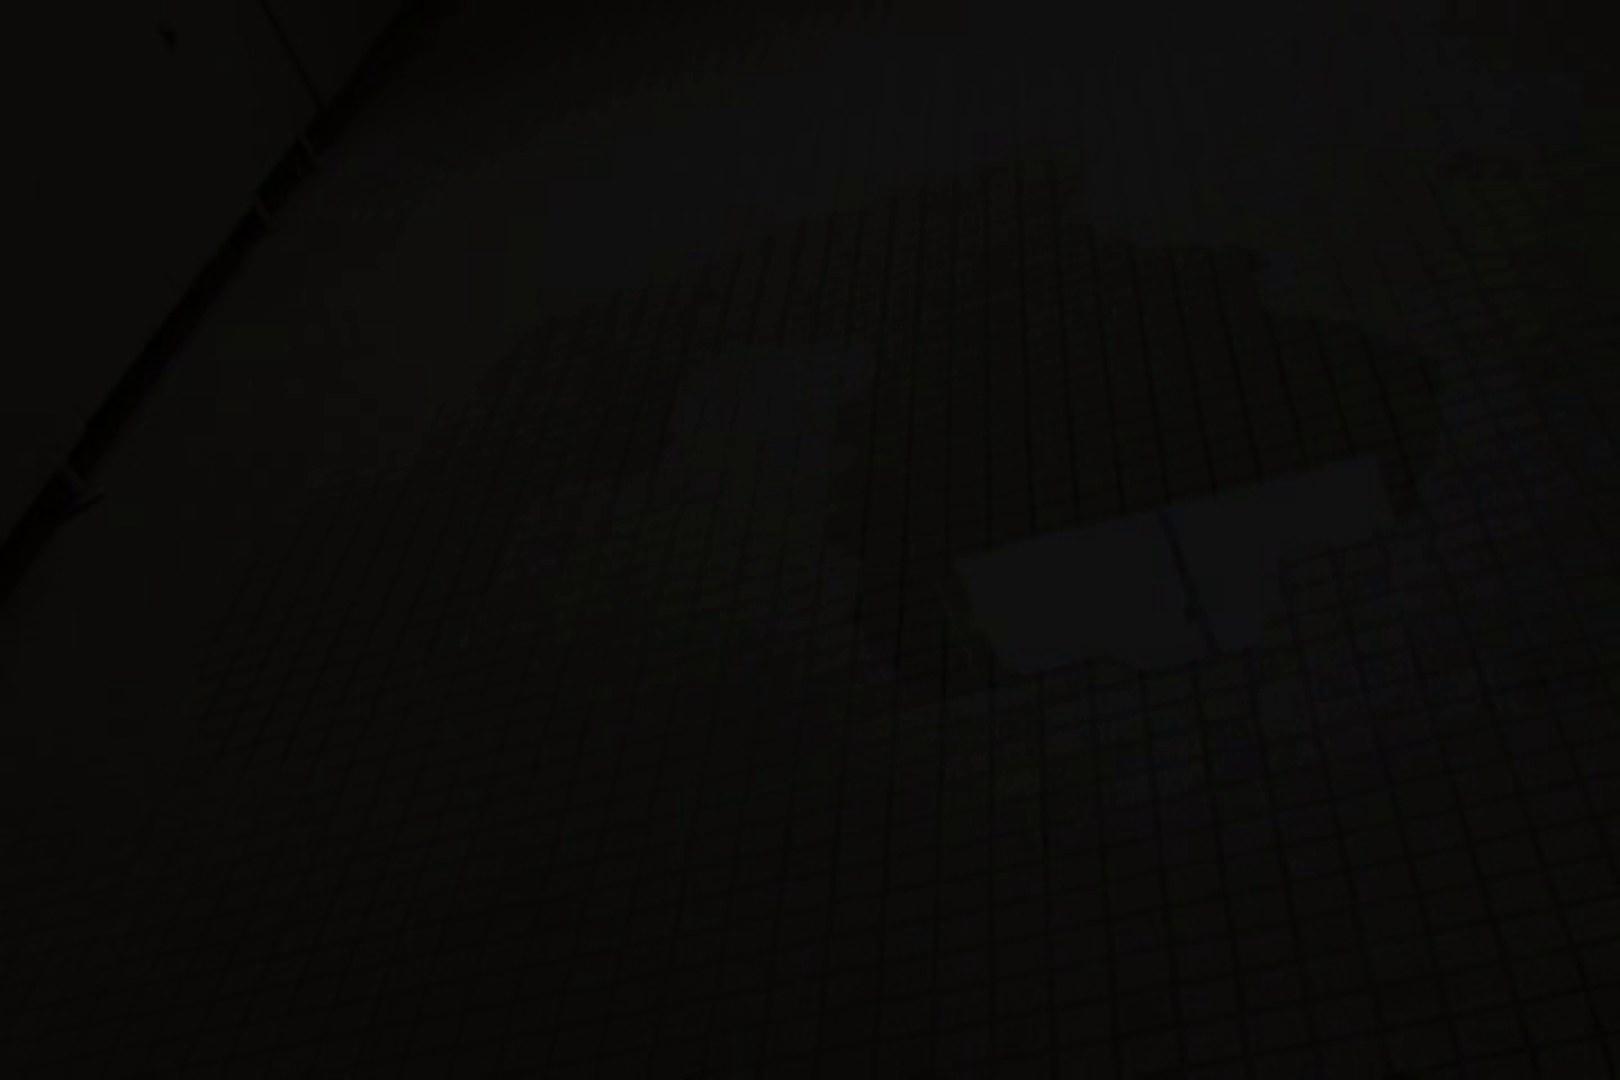 ギリギリアウトな嬢達Vol.4 OLヌード天国 | 学校  58PIX 49